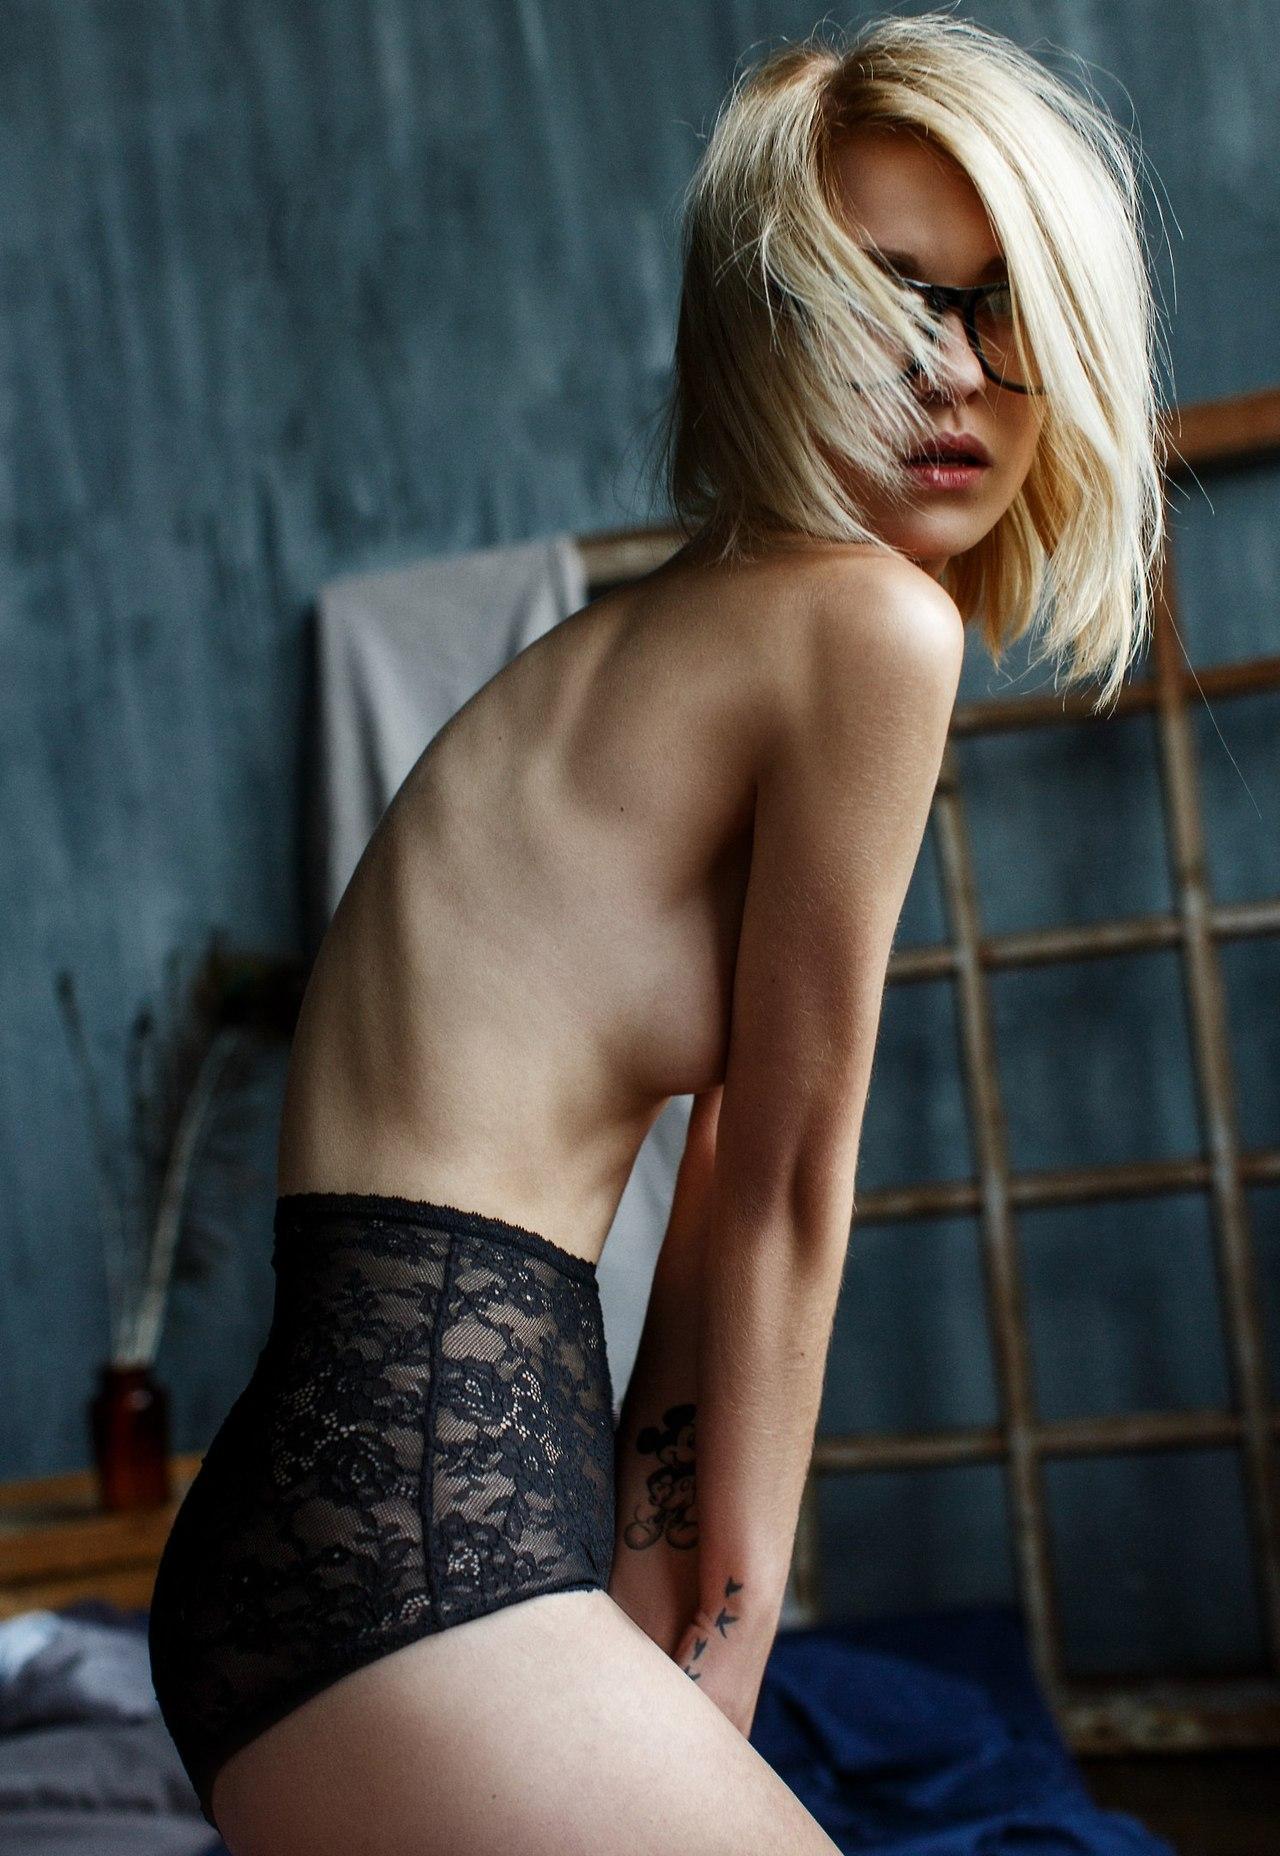 【裸体エロ画像】簡単には折れませんw肋骨浮きも魅力なスレンダー美女たちwww 04